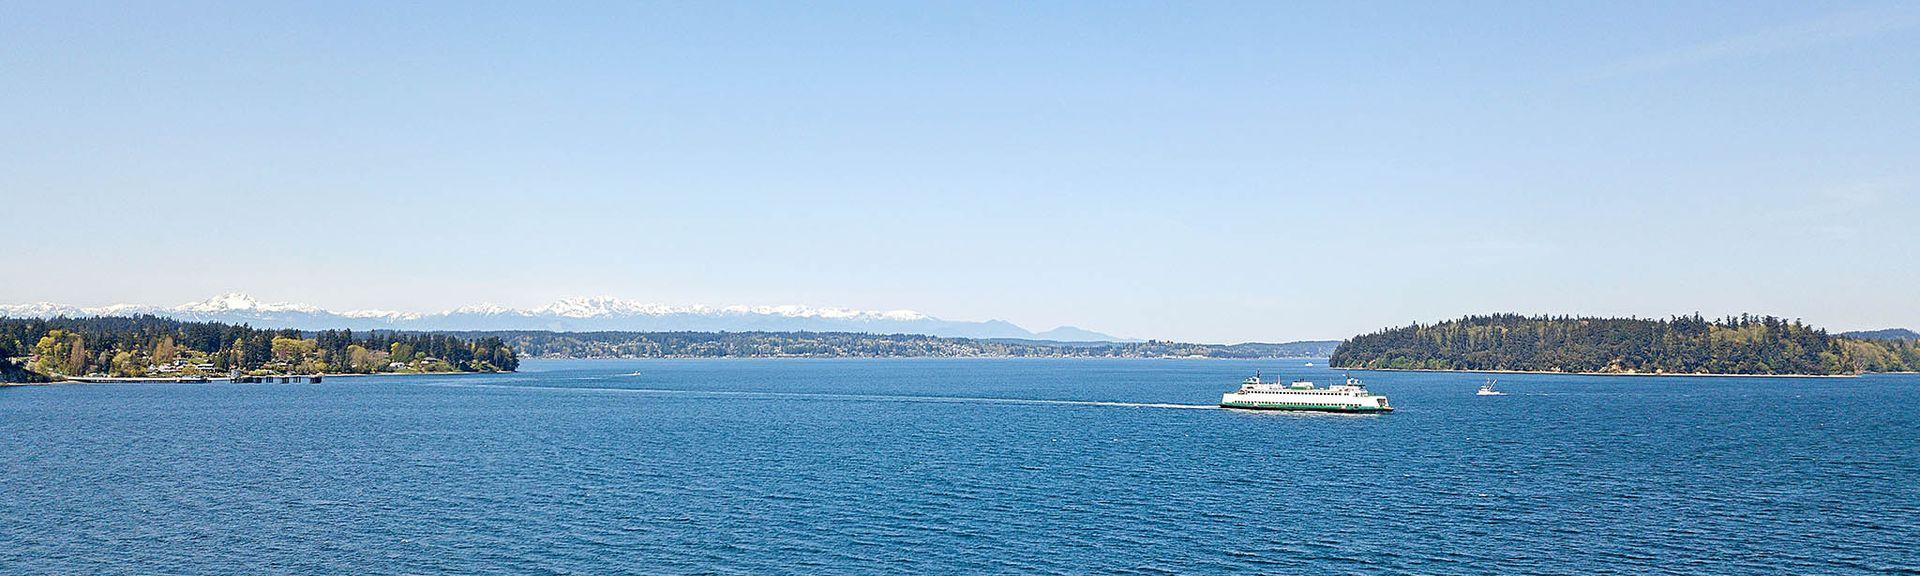 Southwest, Seattle, WA, USA